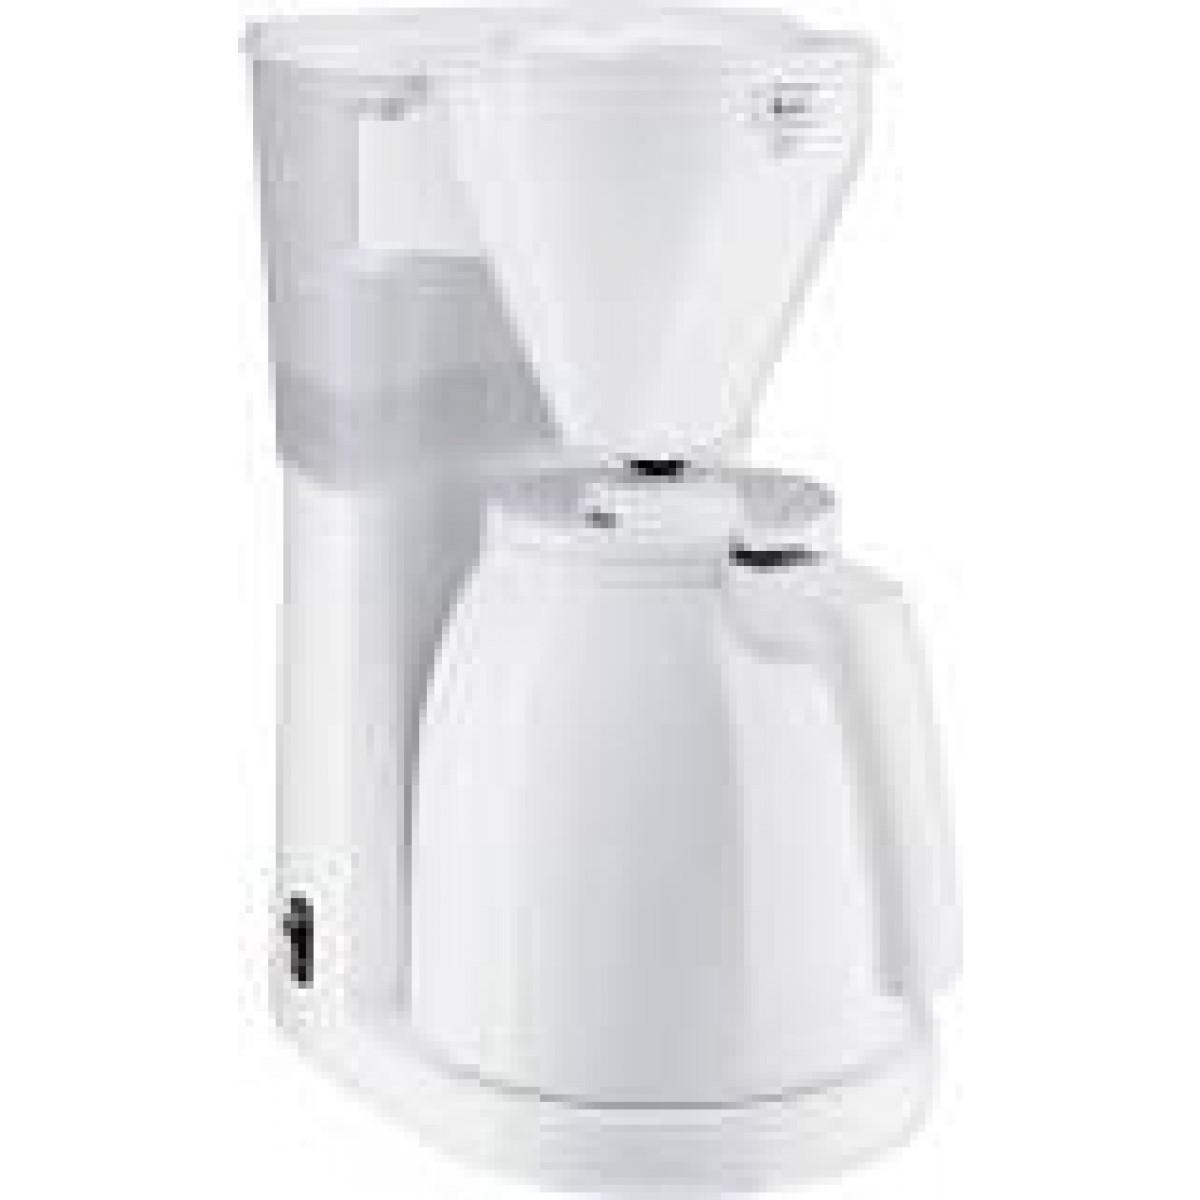 MELITTA Kaffemaskine m/termokande easy hvid